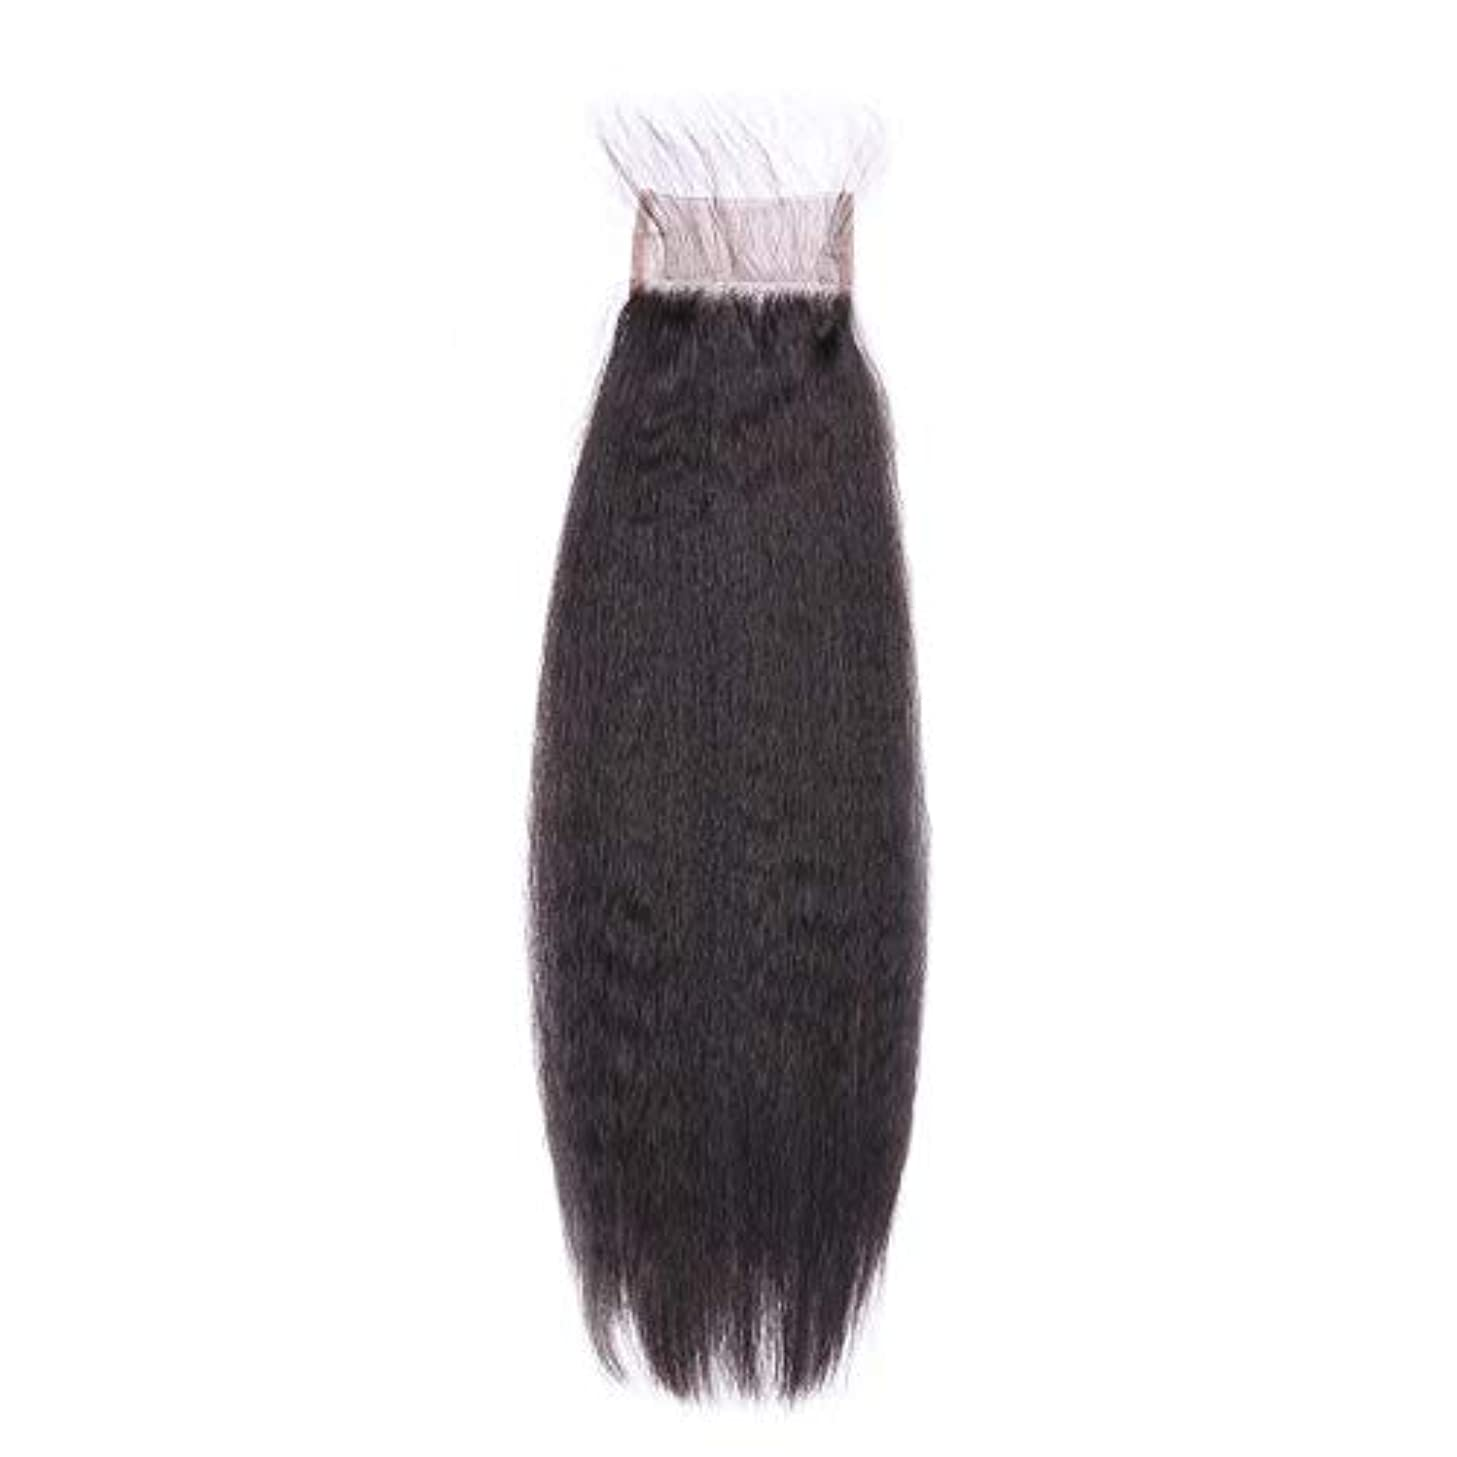 著者賠償巻き取りWASAIO ブラジル人毛ウィッグクロージャー未処理の処女 (色 : 黒, サイズ : 8 inch)